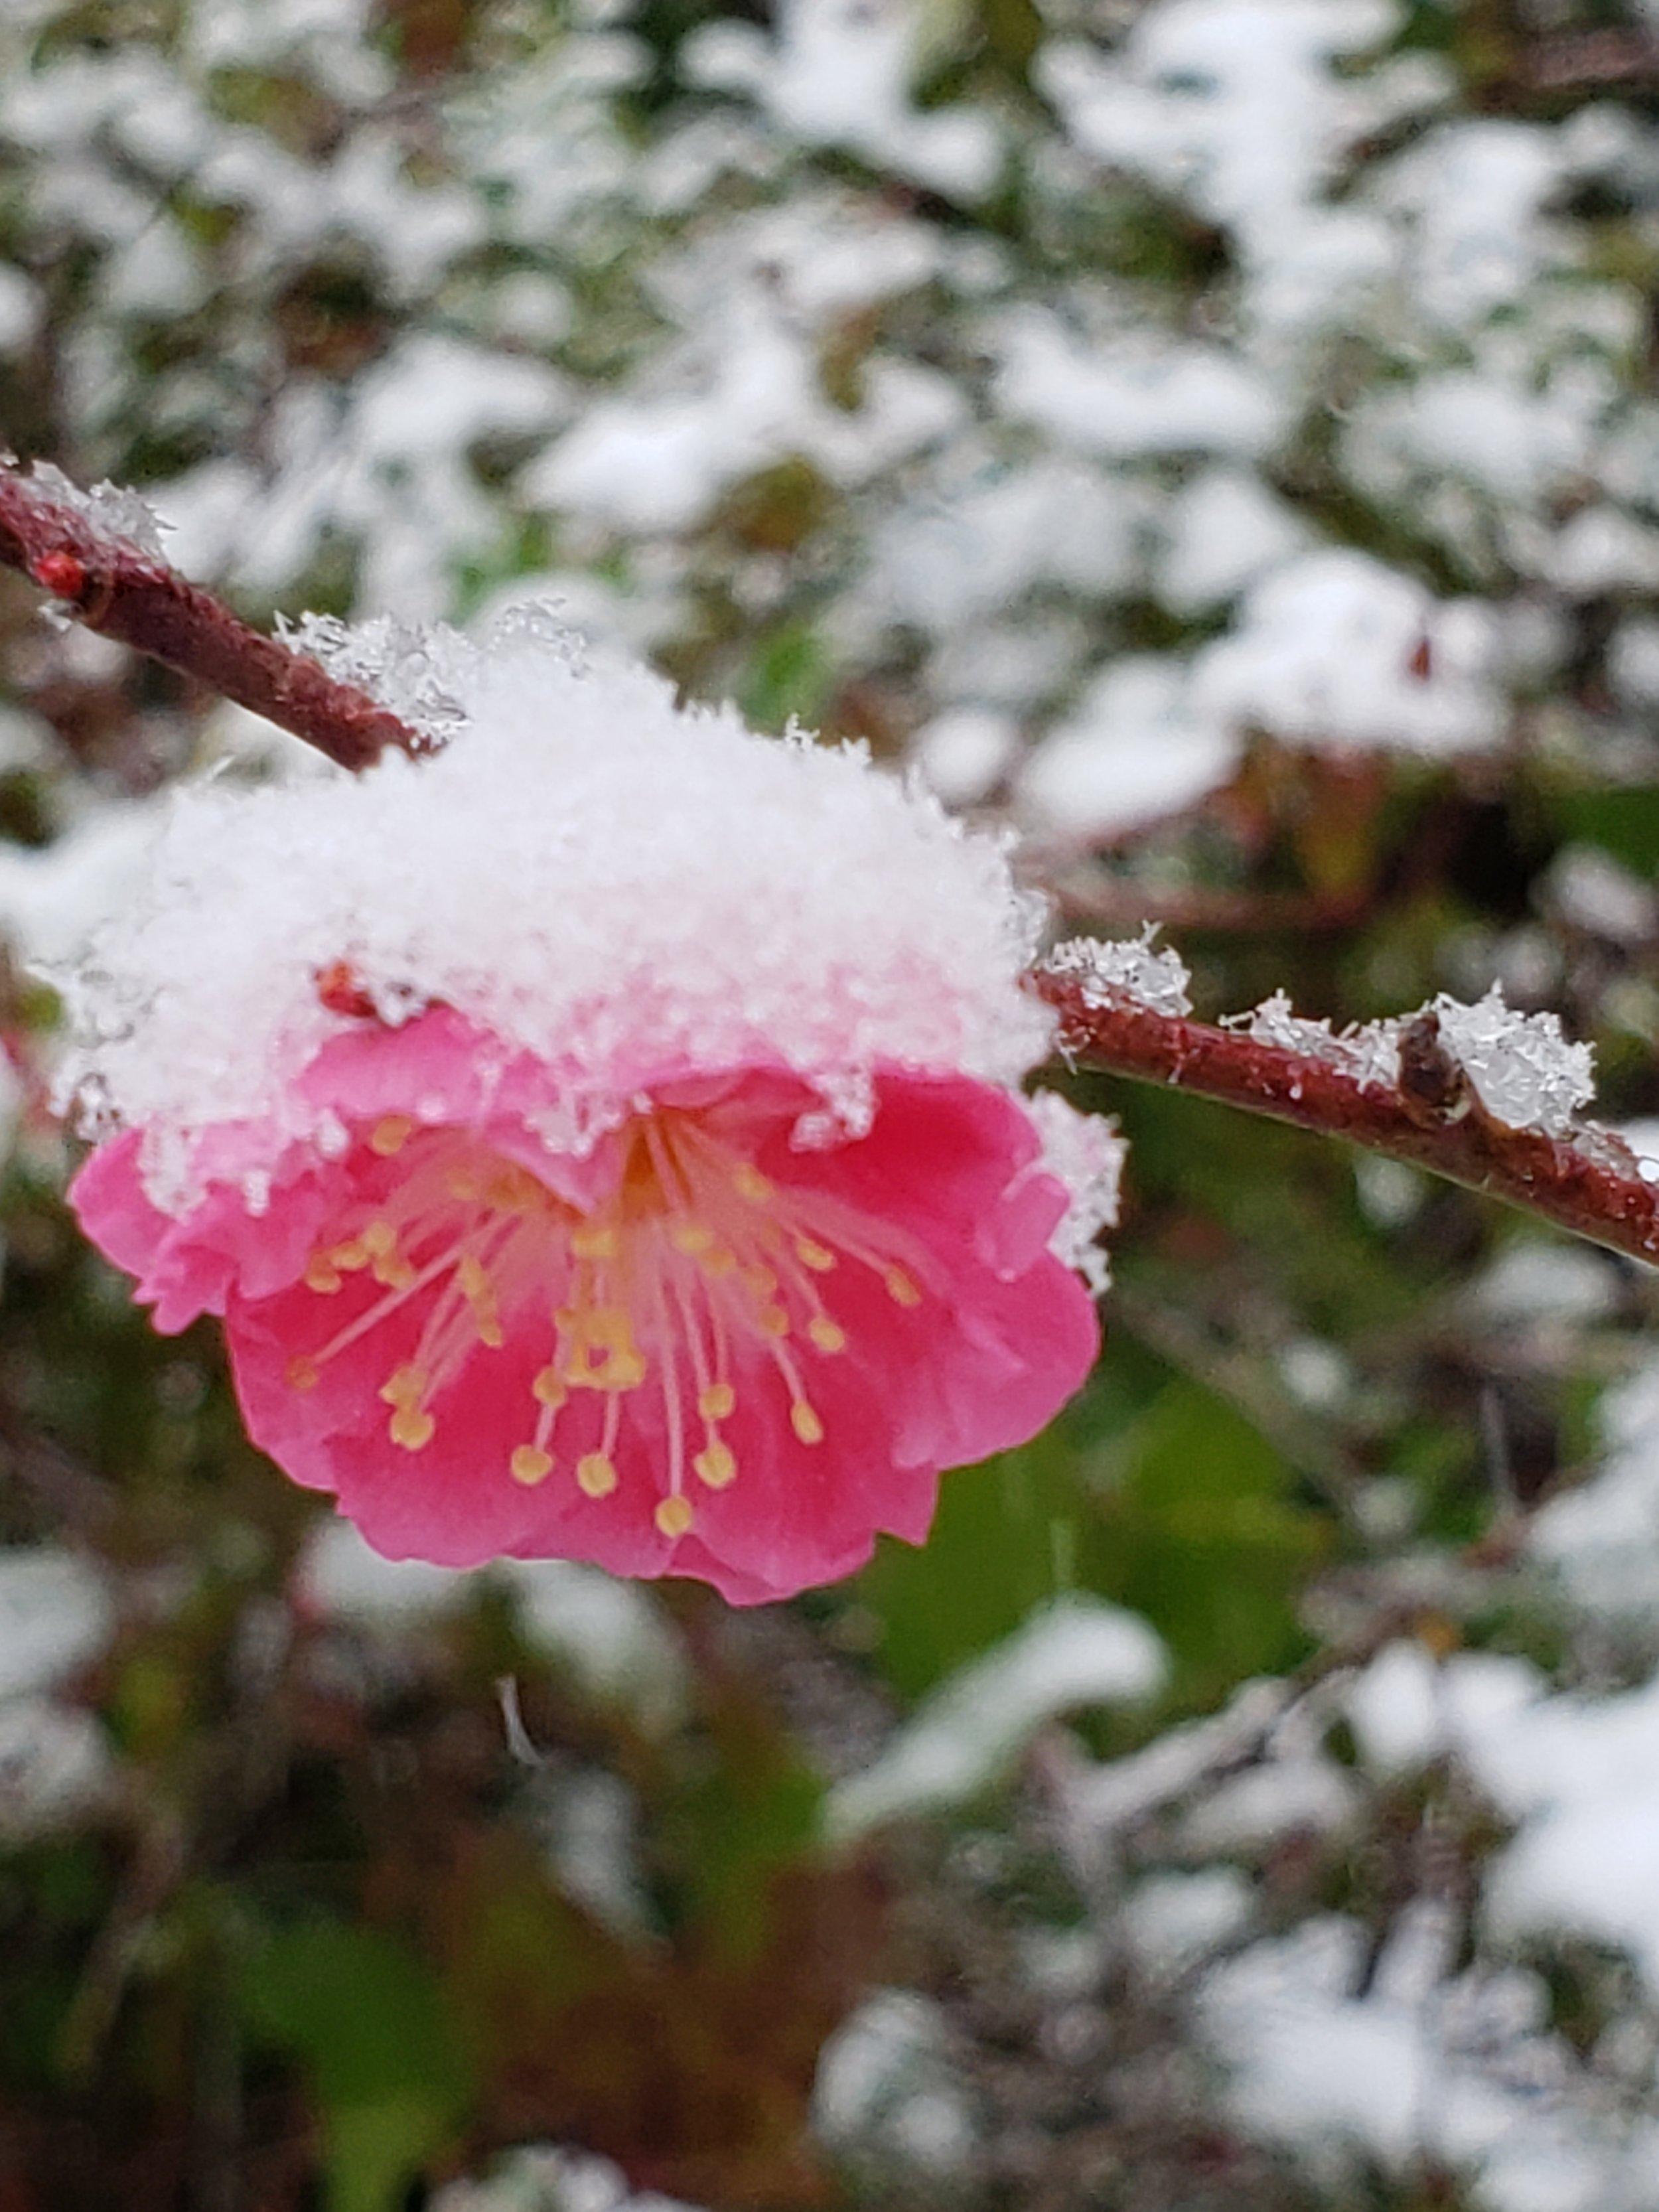 Ume Plum - Prunus Mume